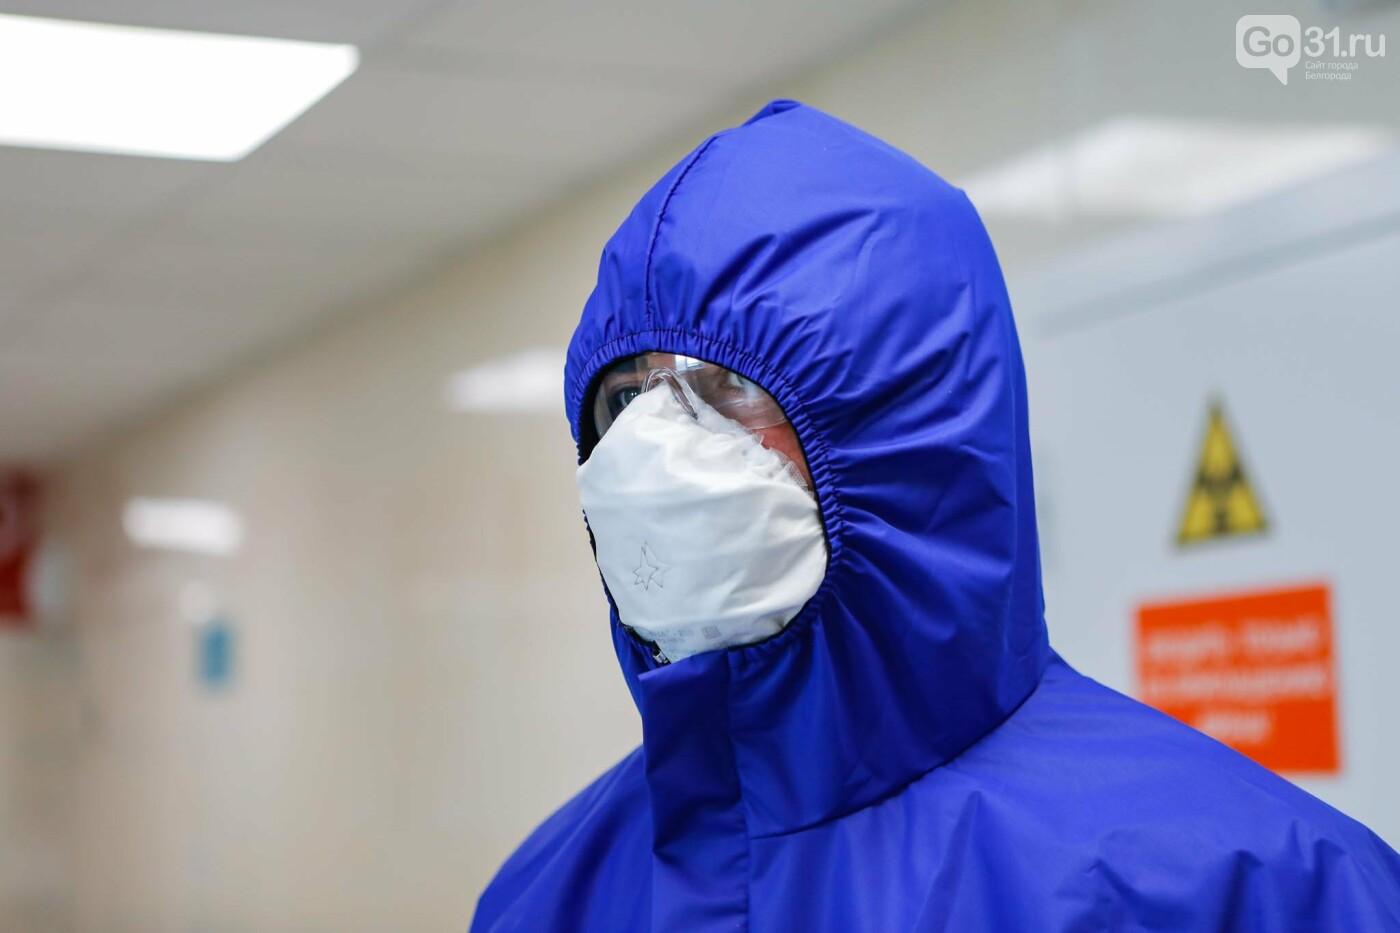 Что происходит в ковид-госпитале Белгорода. Фоторепортаж из «красной» зоны, фото-57, Фото: Антон Вергун